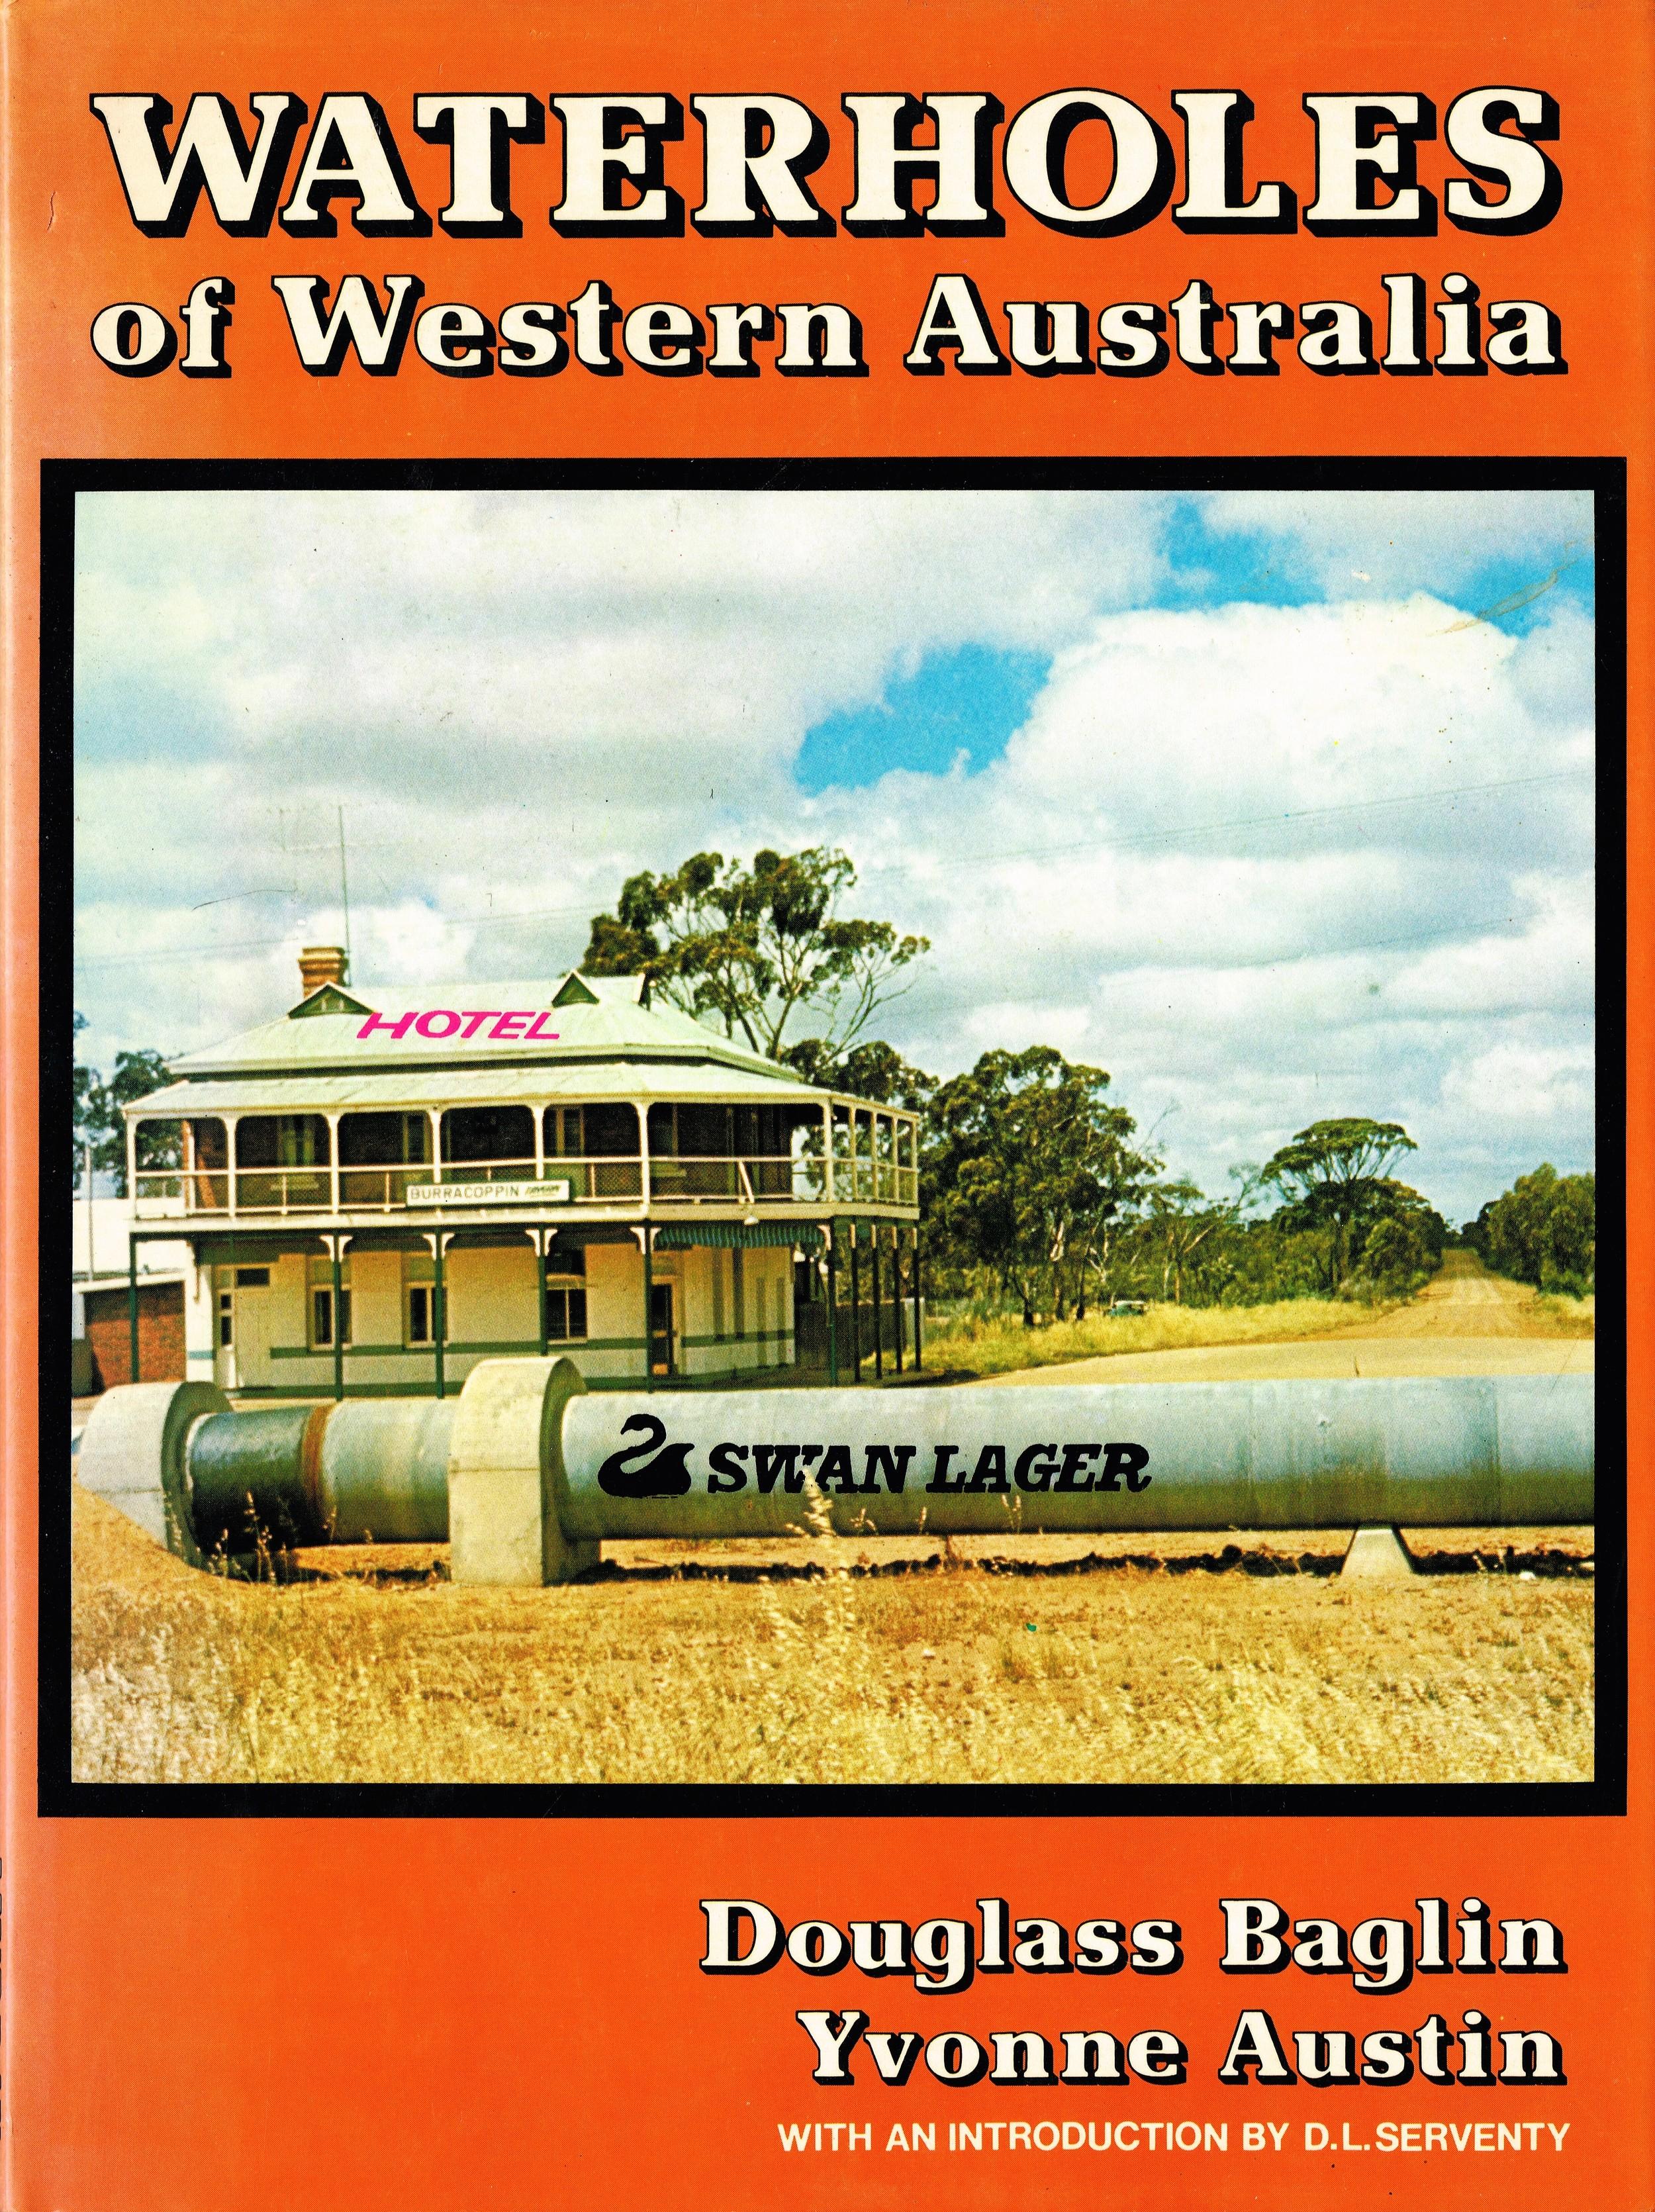 Waterholes-of-Western-Australia